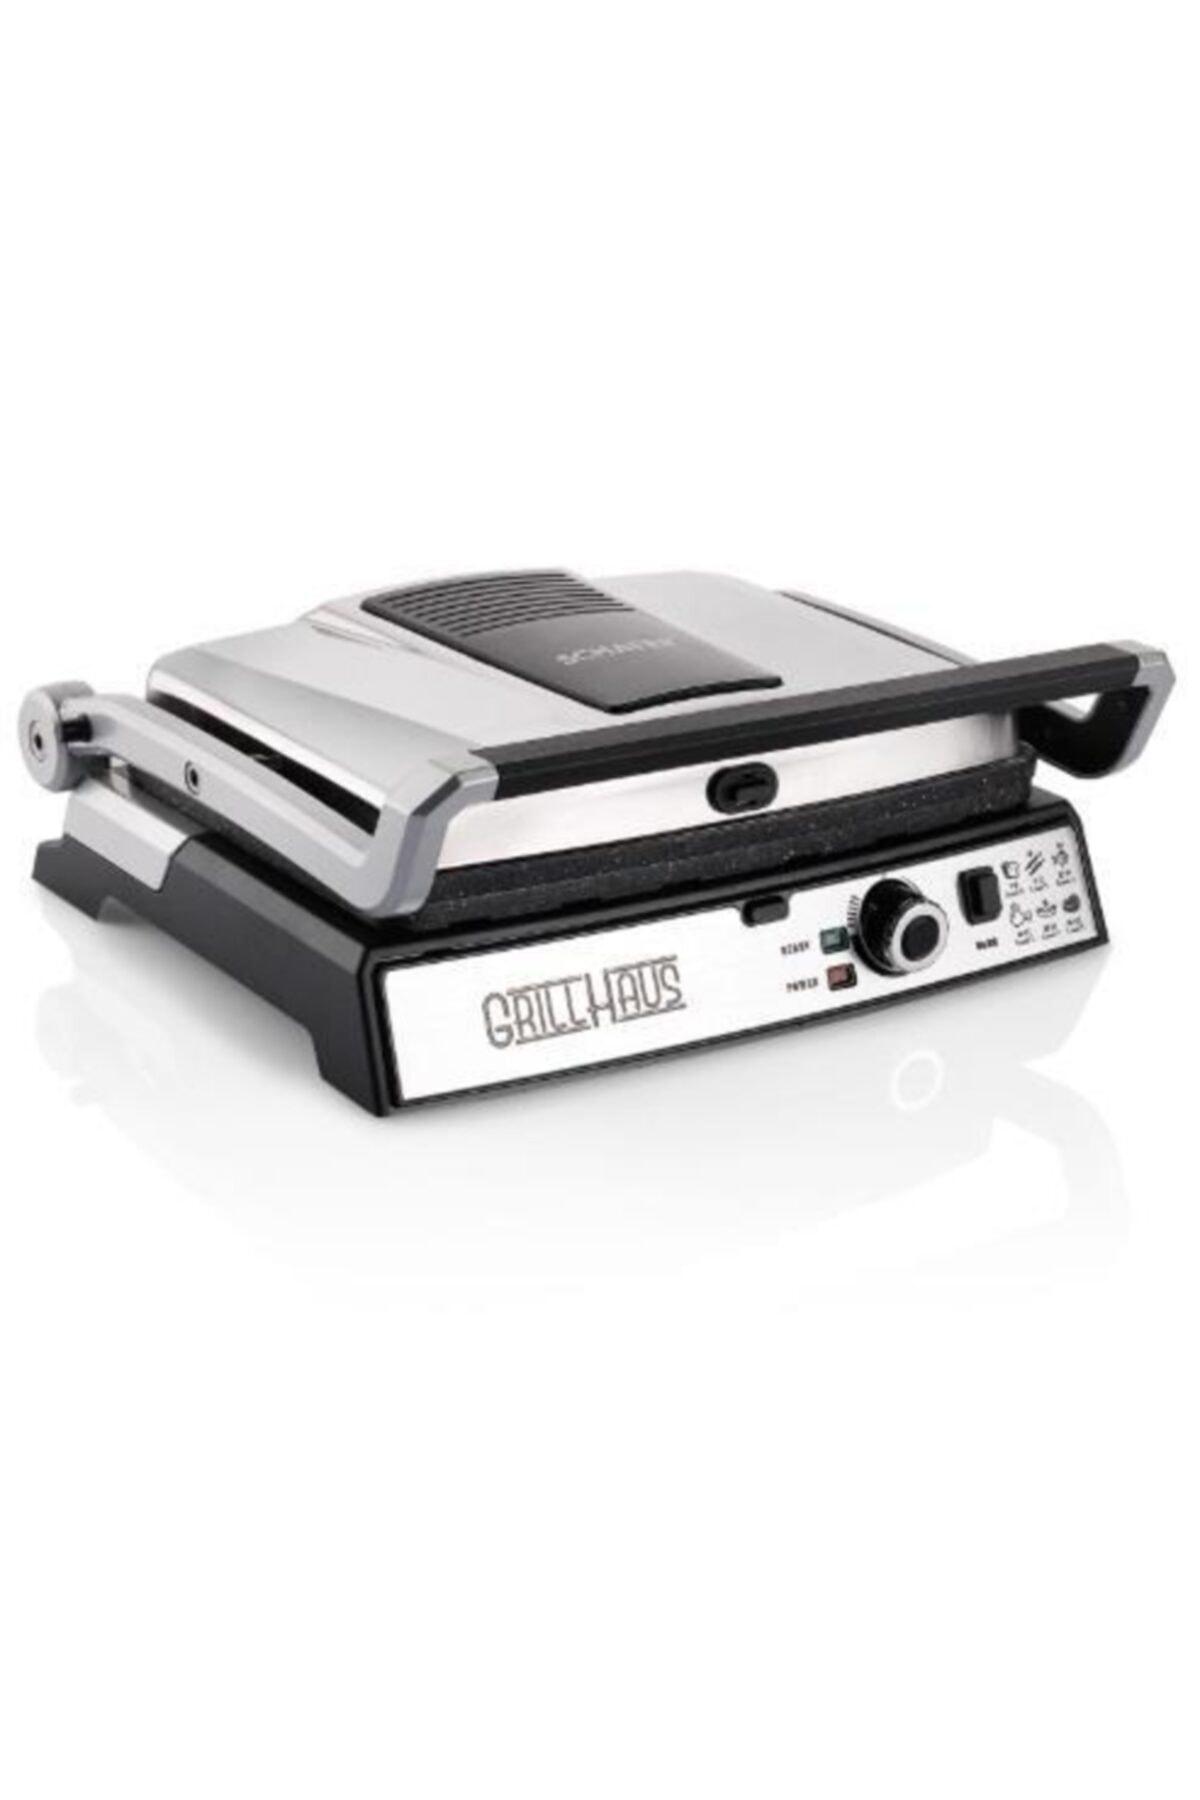 Schafer Grill Haus Granit 2000w Izgara Ve Tost Makinesi Inox 1